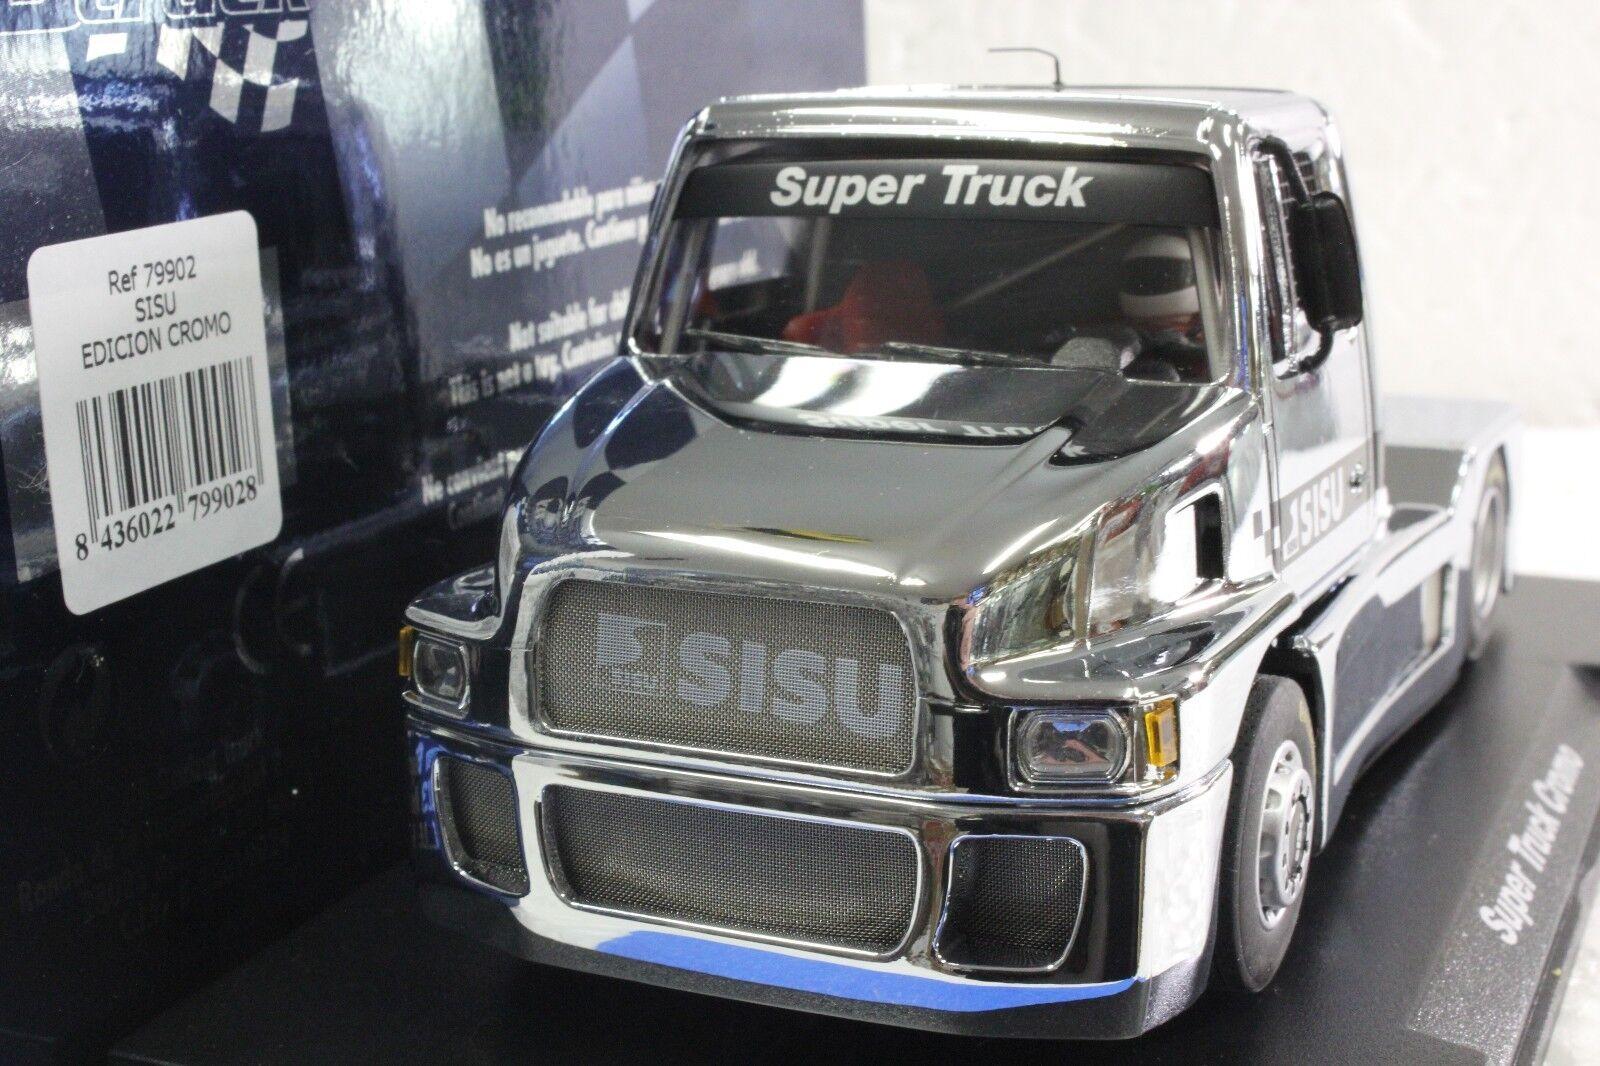 Volar GB 79902 Sisu SL-250 Súper Camión Cromo Edición Limitada Nuevo 1 32 Coche